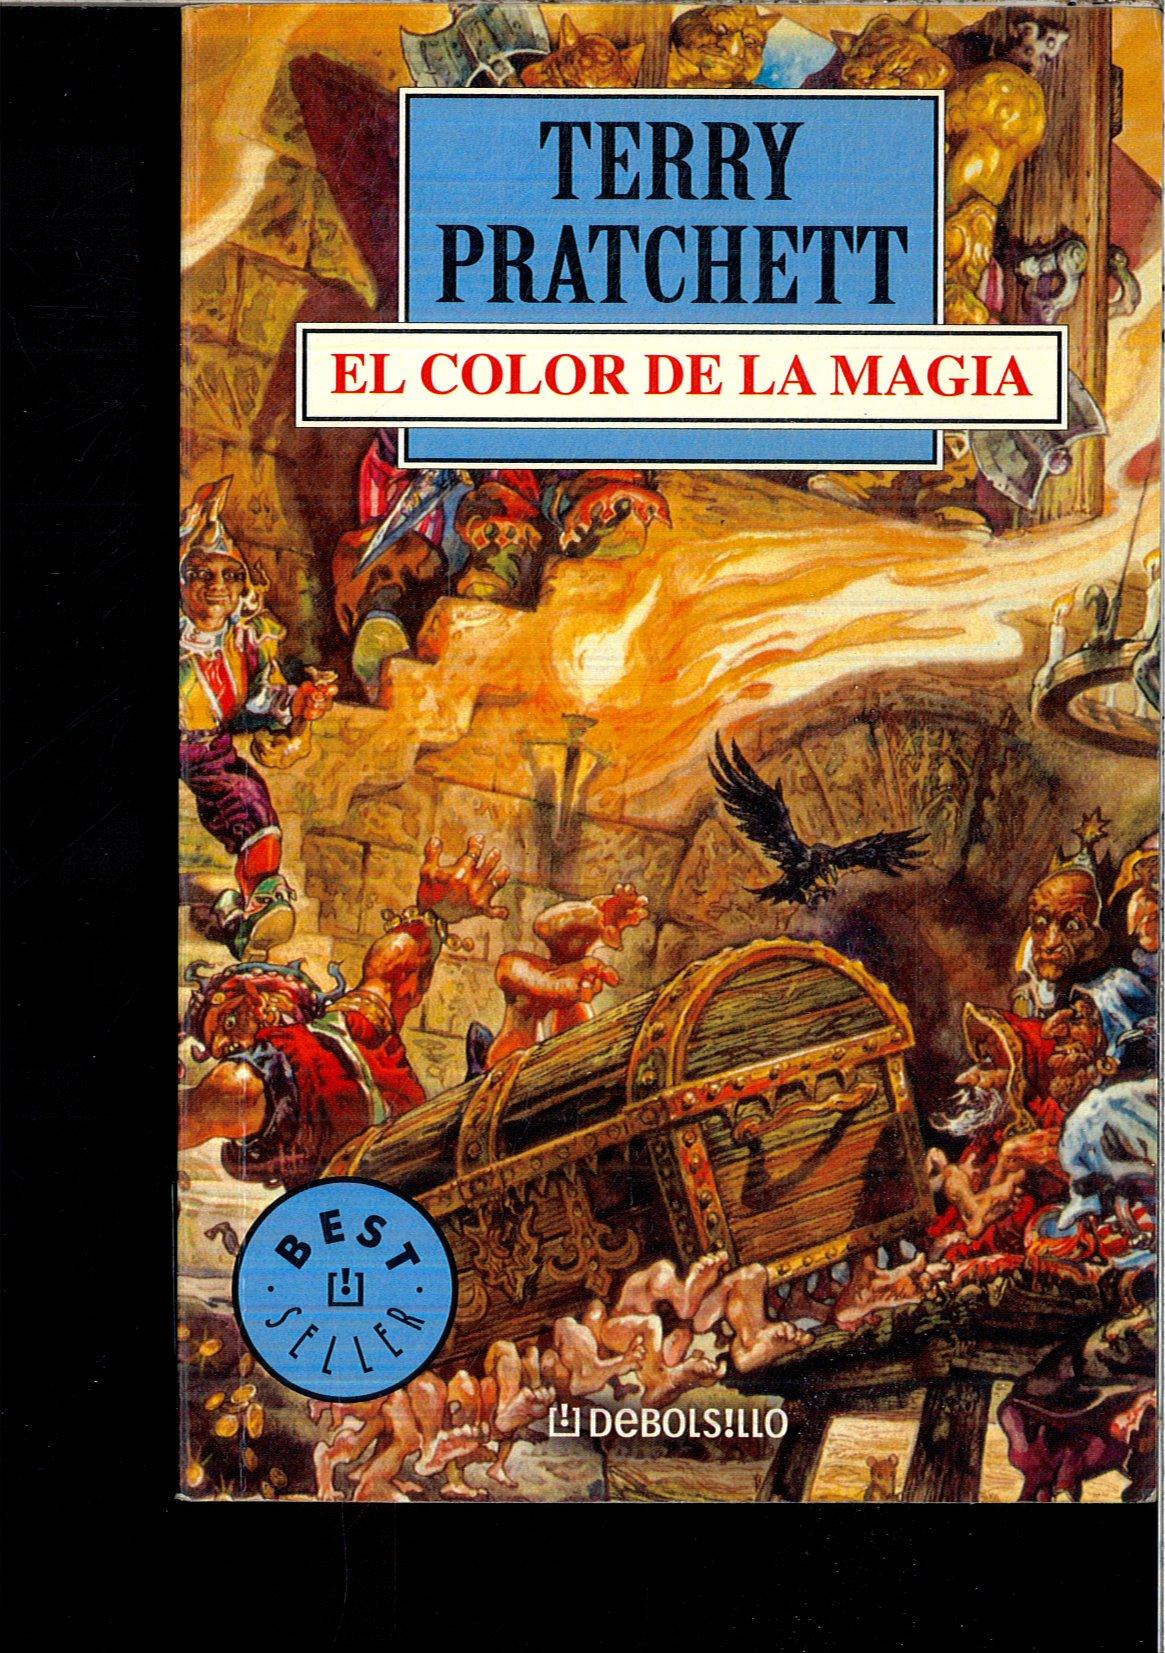 EL COLOR DE LA MAGIA: Amazon.es: TERRY PRATCHETT: Libros